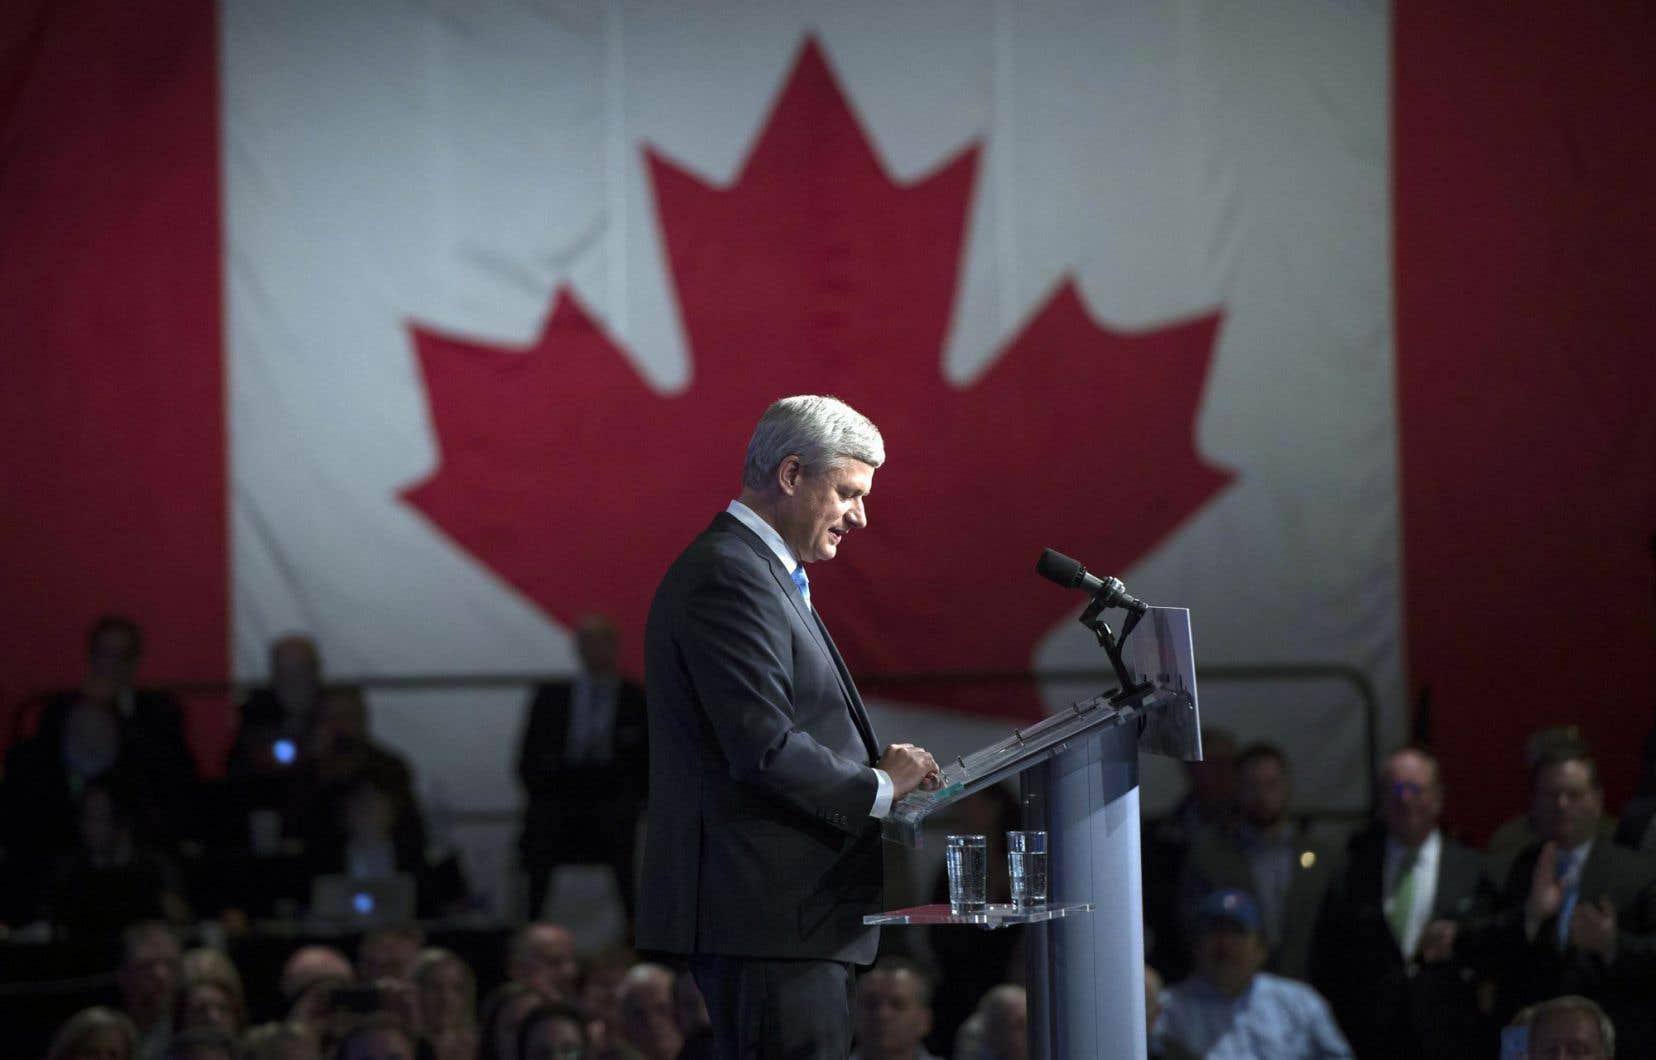 Dans son discours aux quelques centaines de militants qui s'étaient déplacés pour l'entendre à Calgary, Stephen Harper n'a pas daigné faire l'annonce de sa démission.